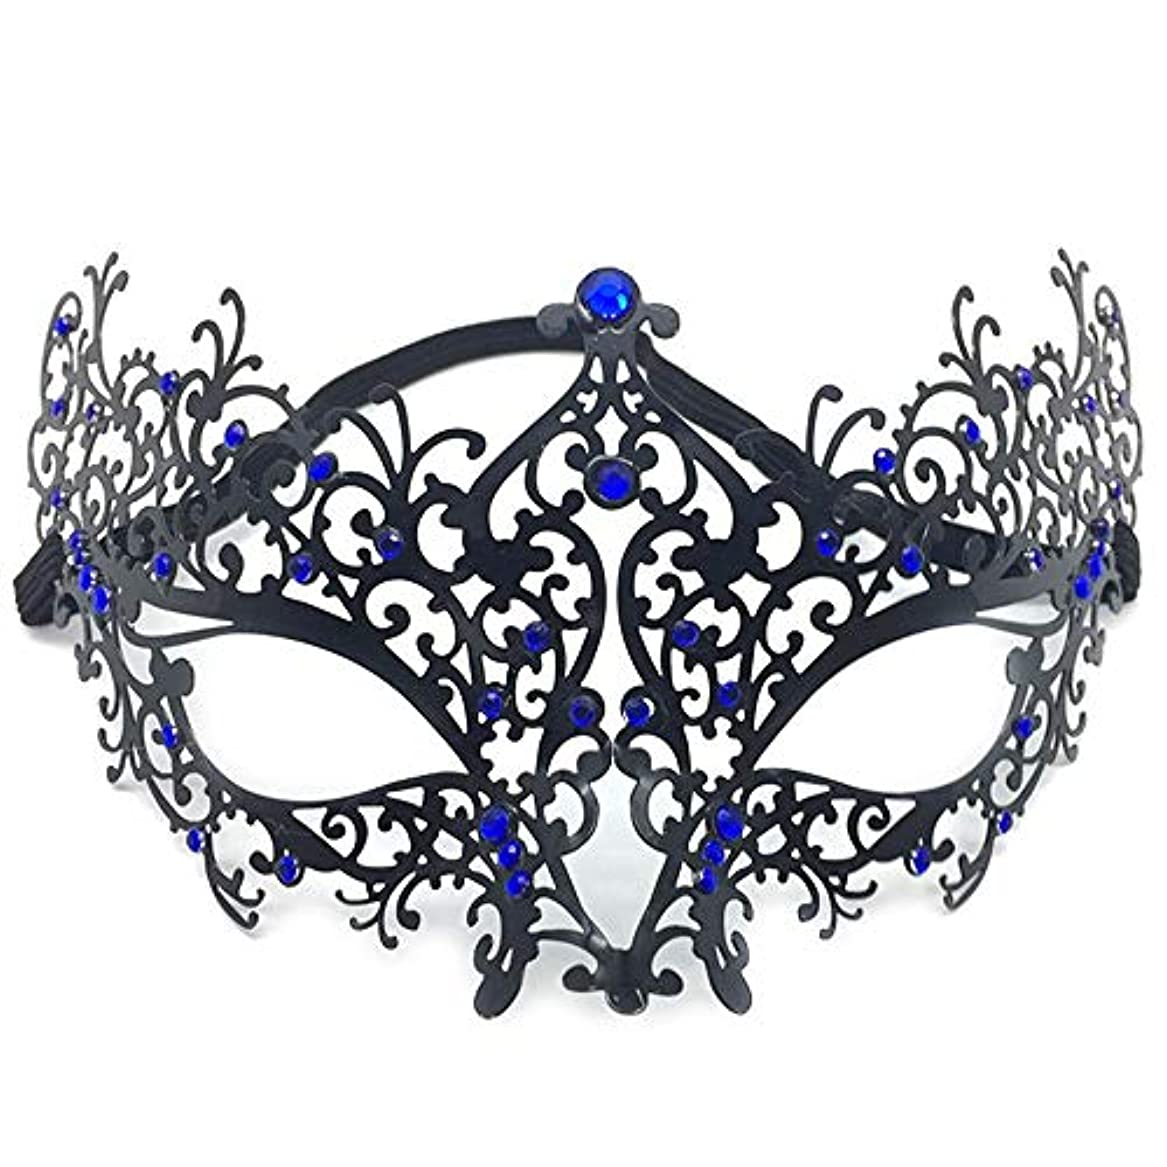 ベックス佐賀恋人仮面舞踏会アイアンマスクパーティーCOSはメタリックダイヤモンドハーフフェイスハロウィンアイアンマスクをドレスアップ (Color : B)